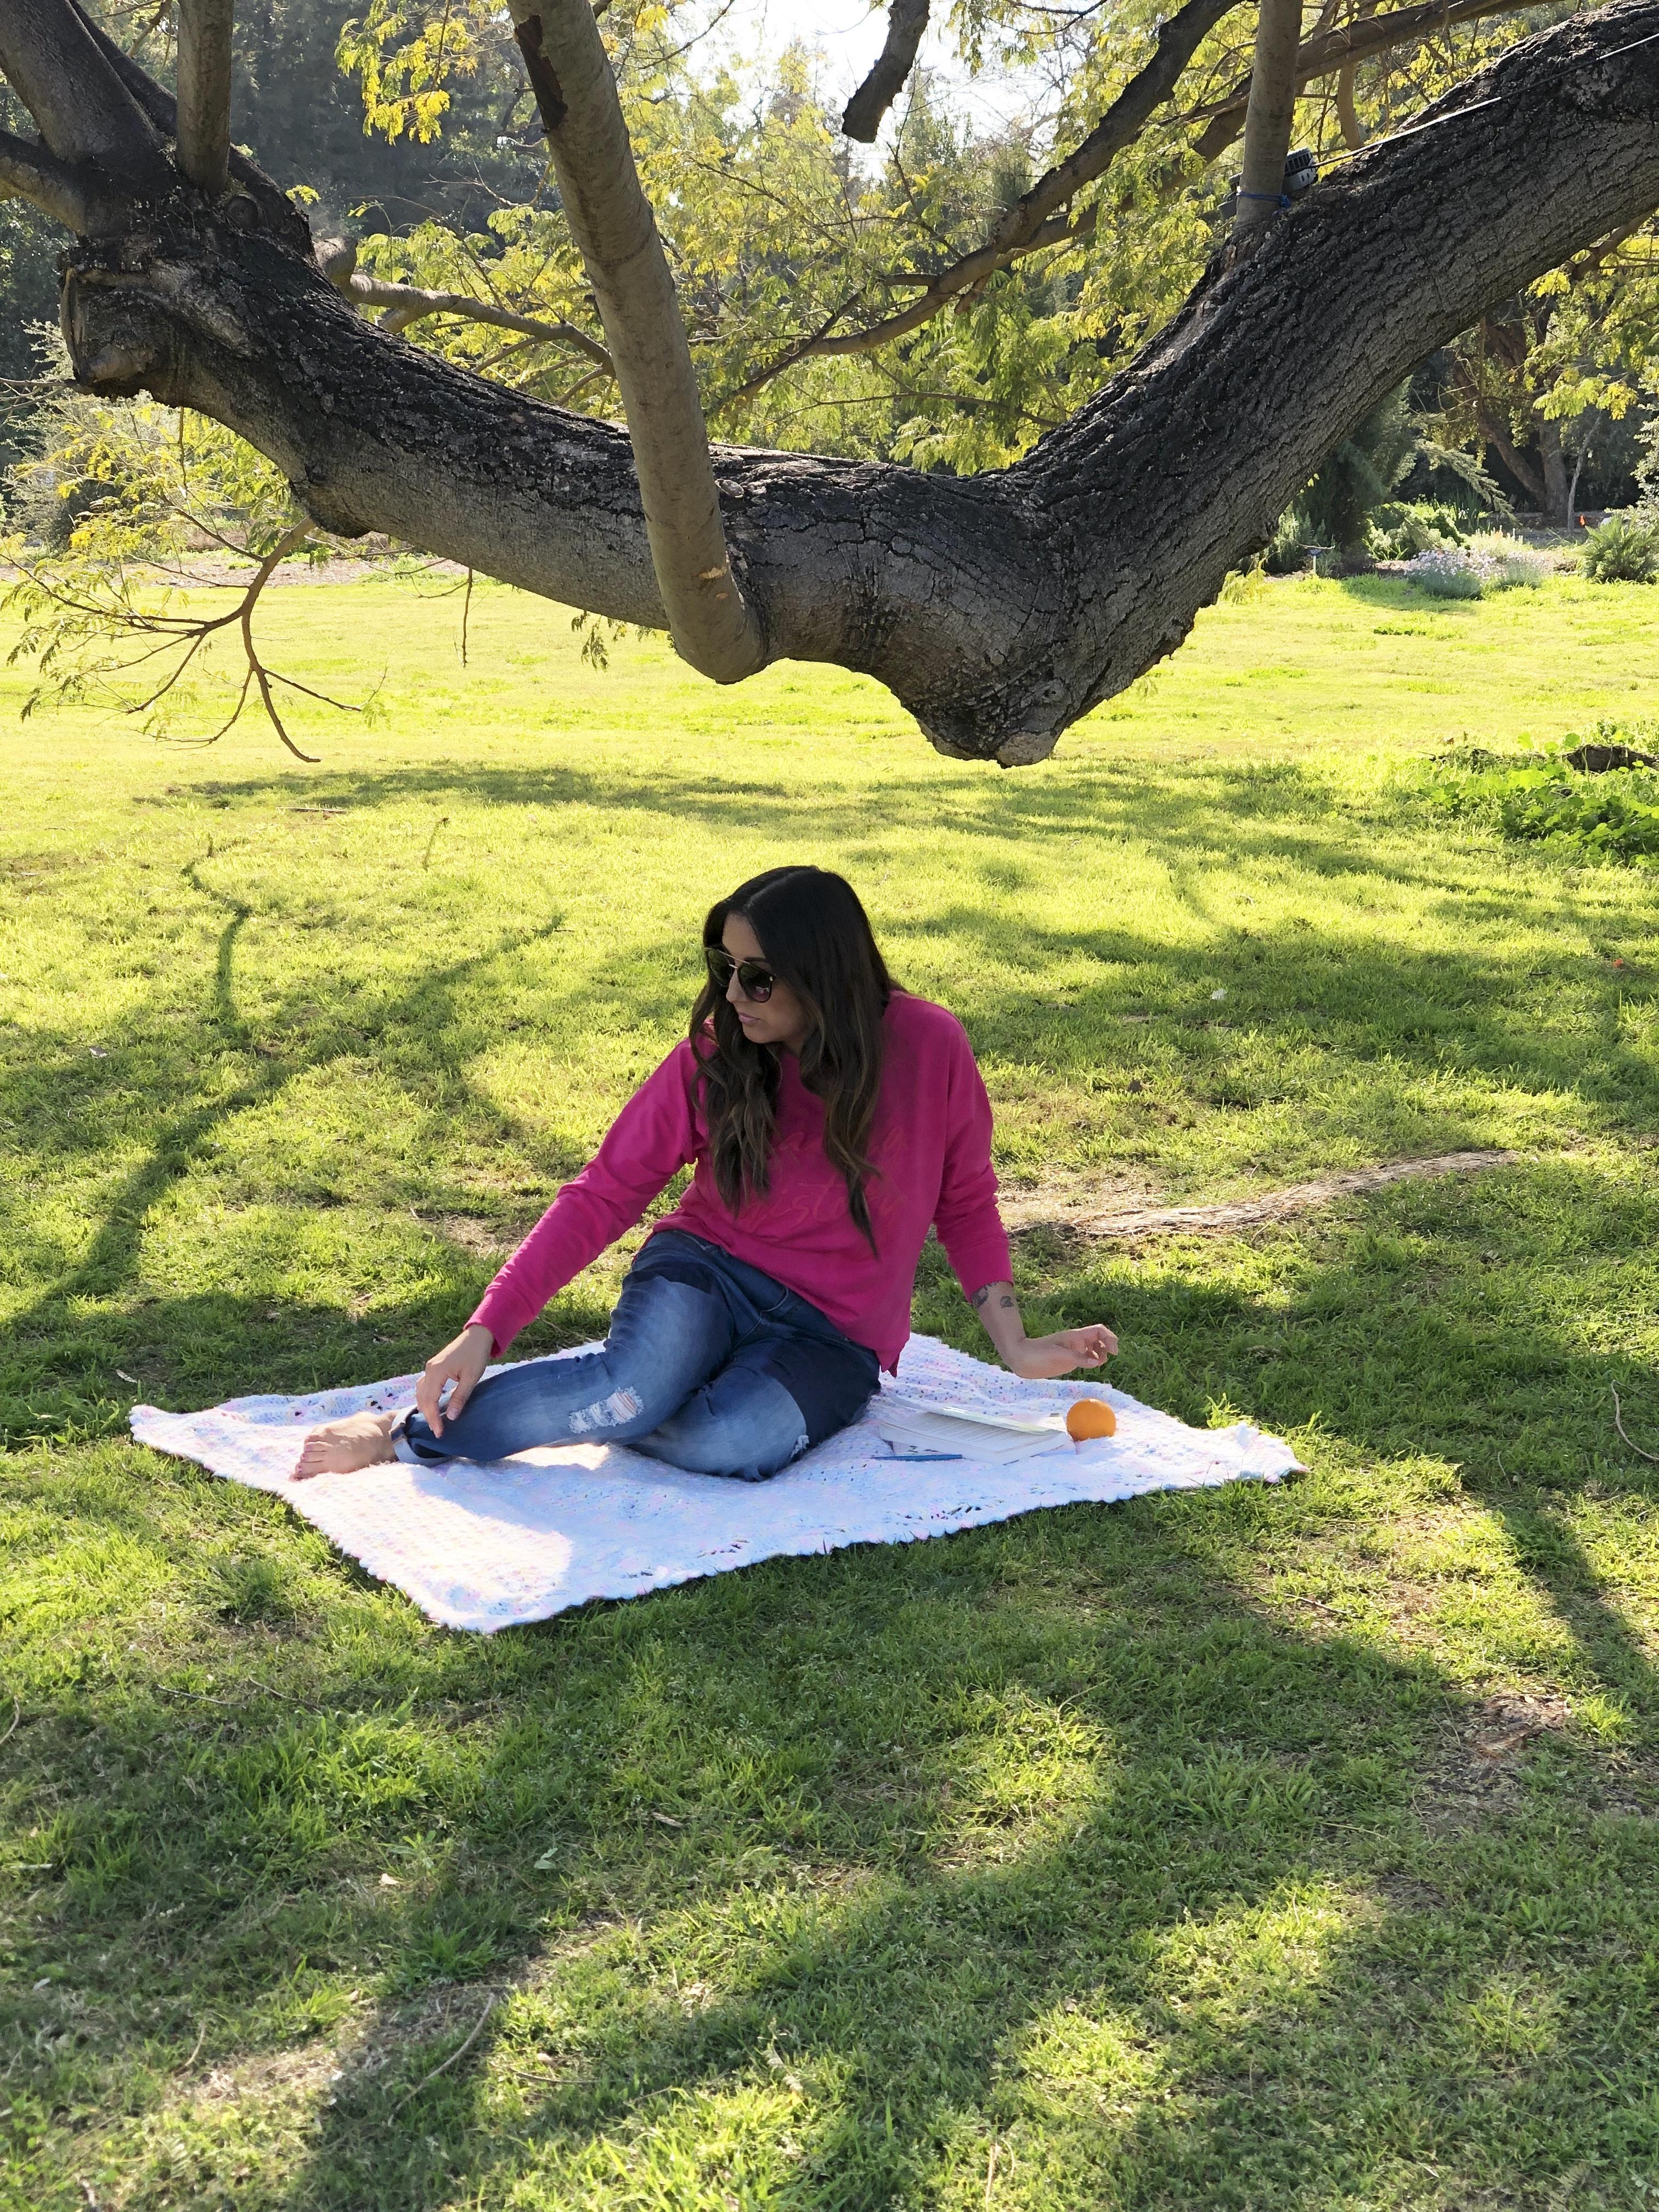 picnic at the arboretum